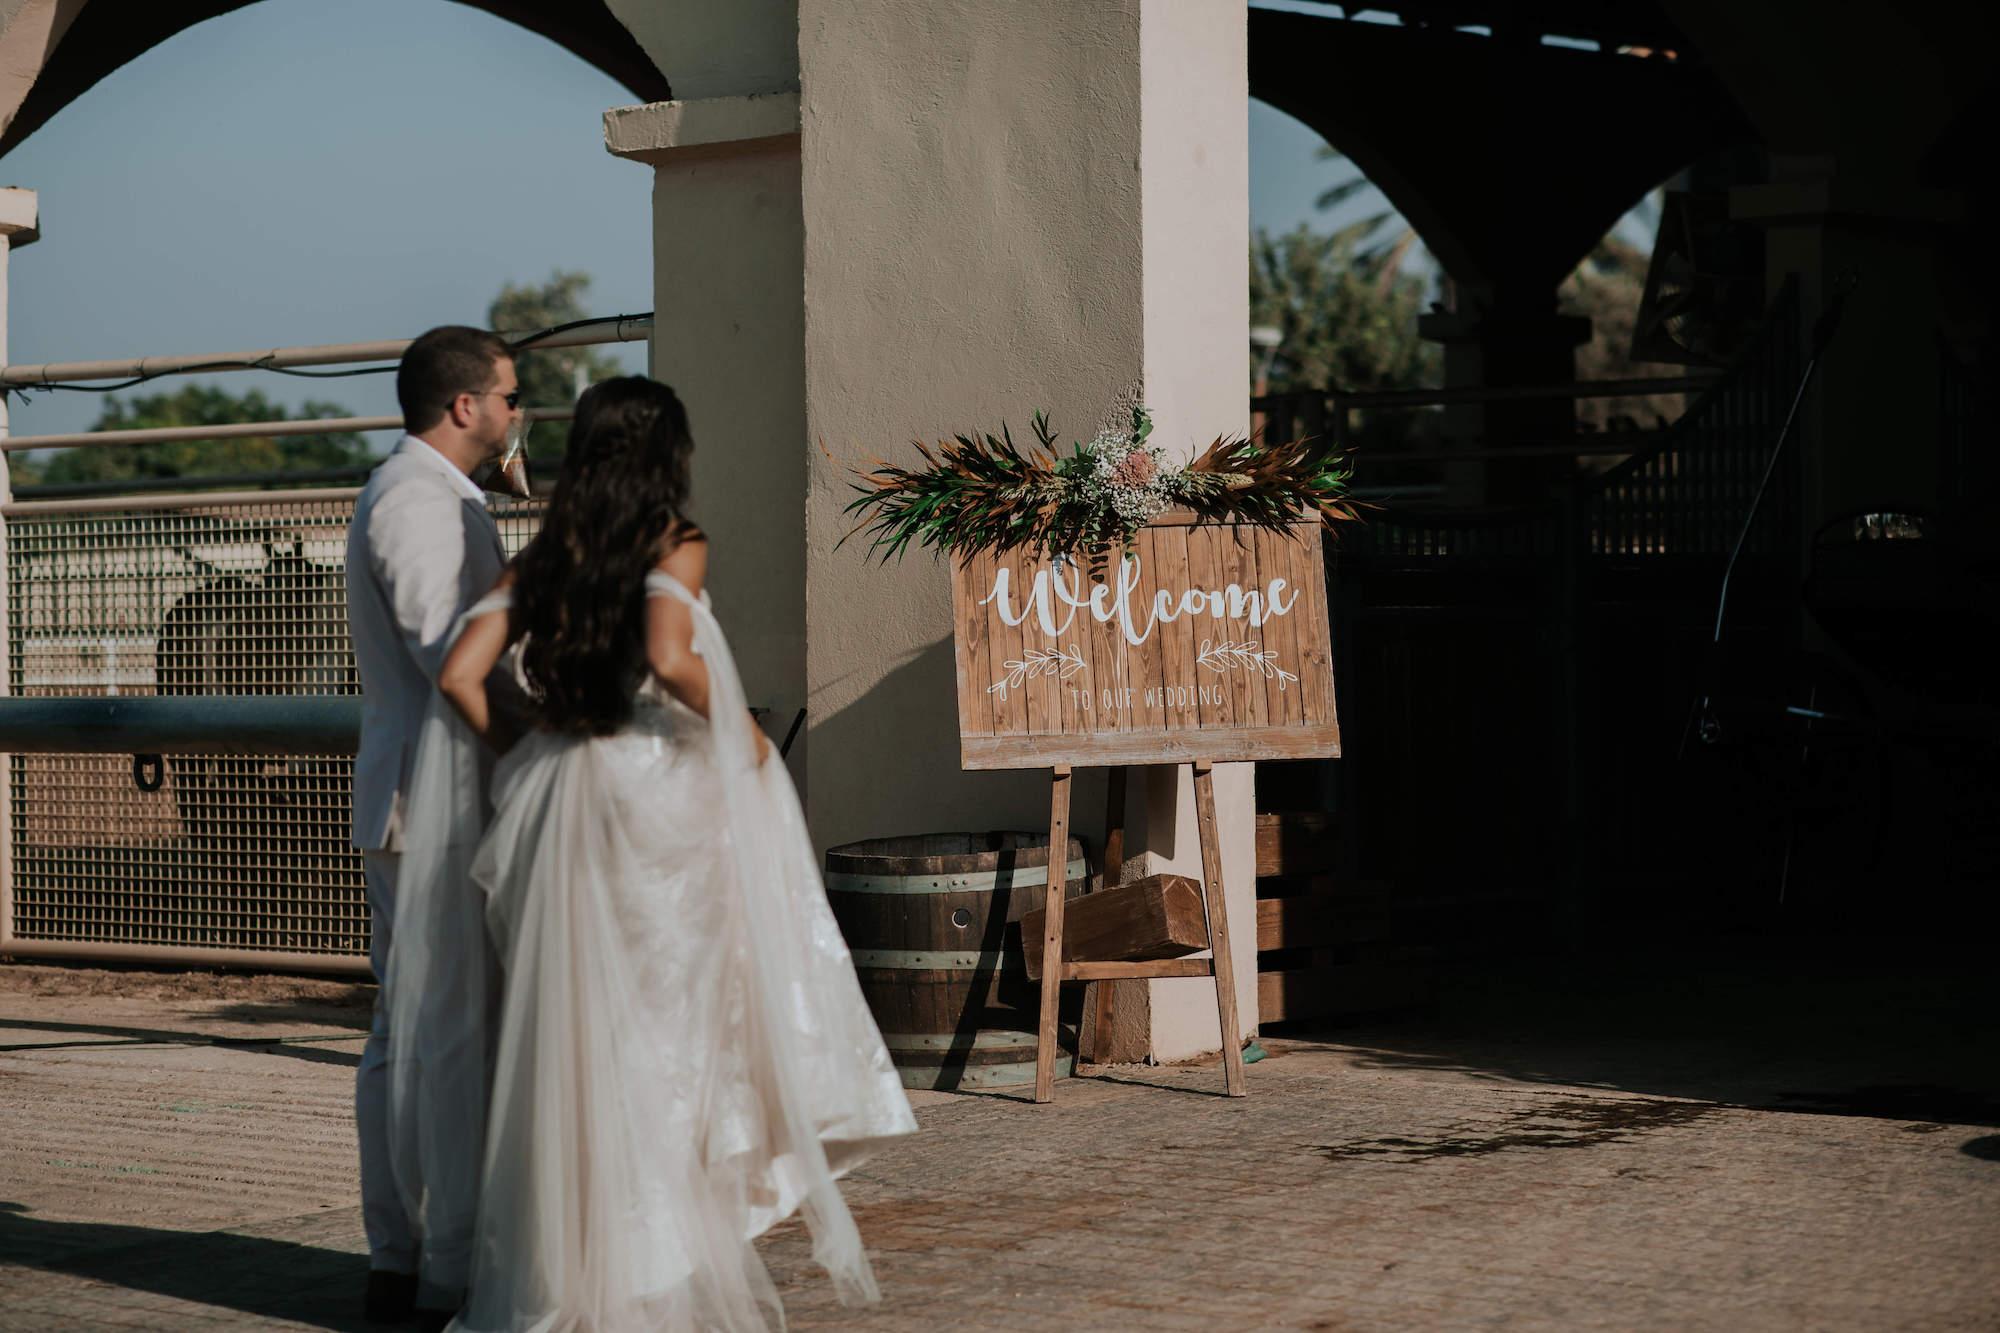 חתונה ביתית בחוות סוסים יפיפיה